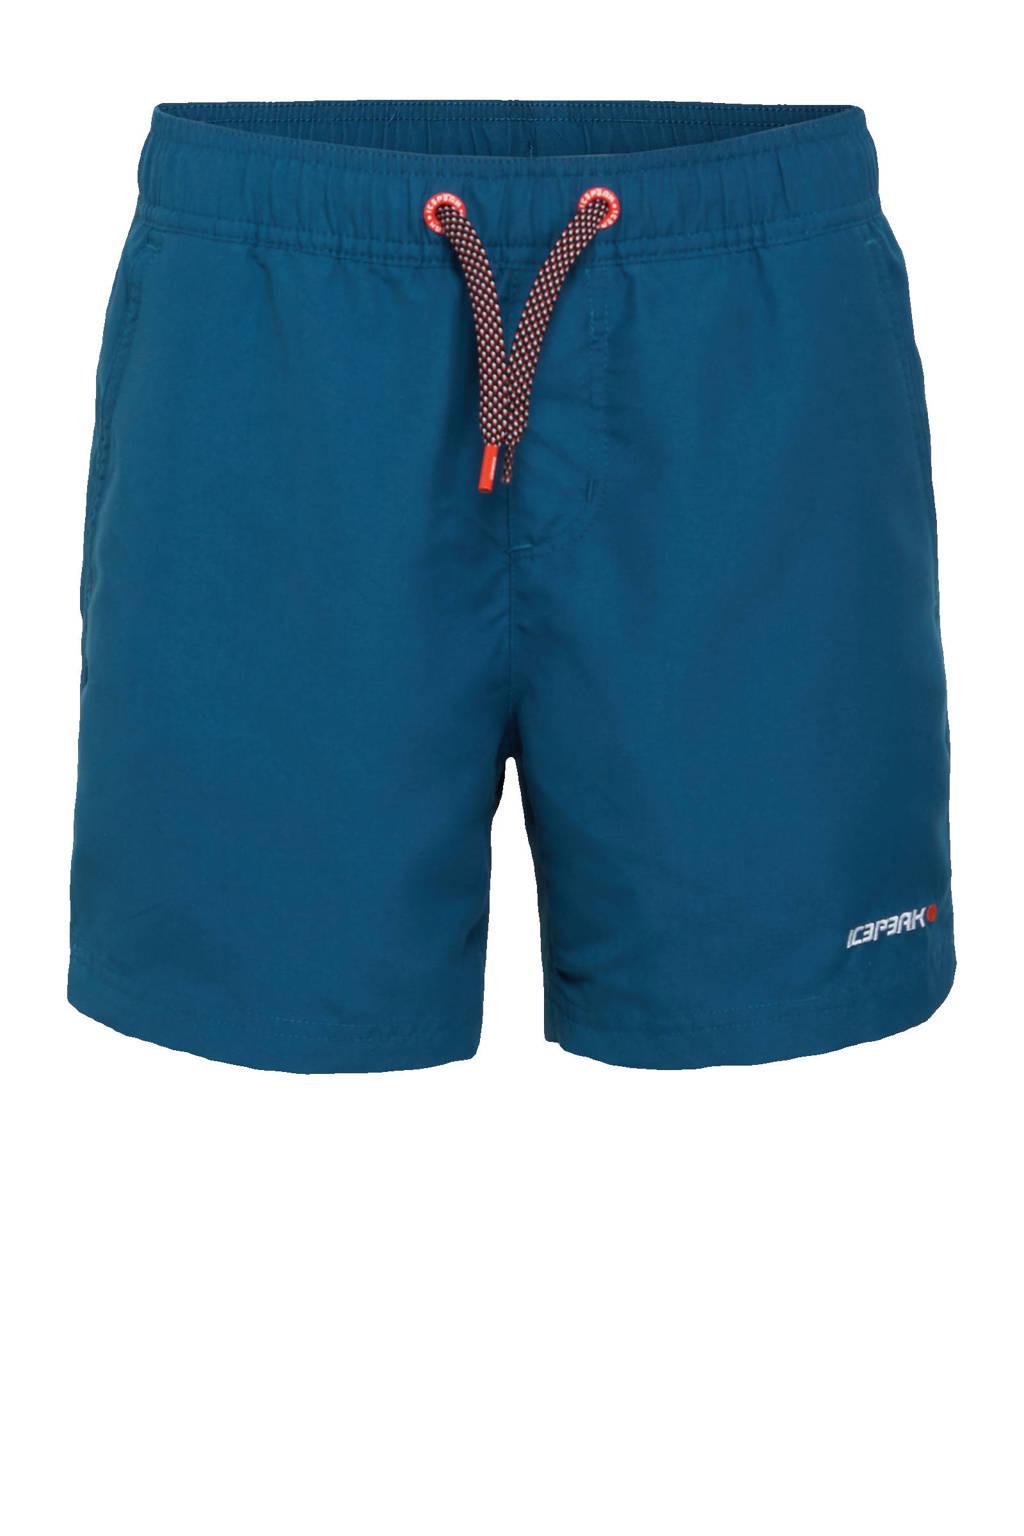 Icepeak  unisex zwemshort Melstone donkerblauw, Donkerblauw